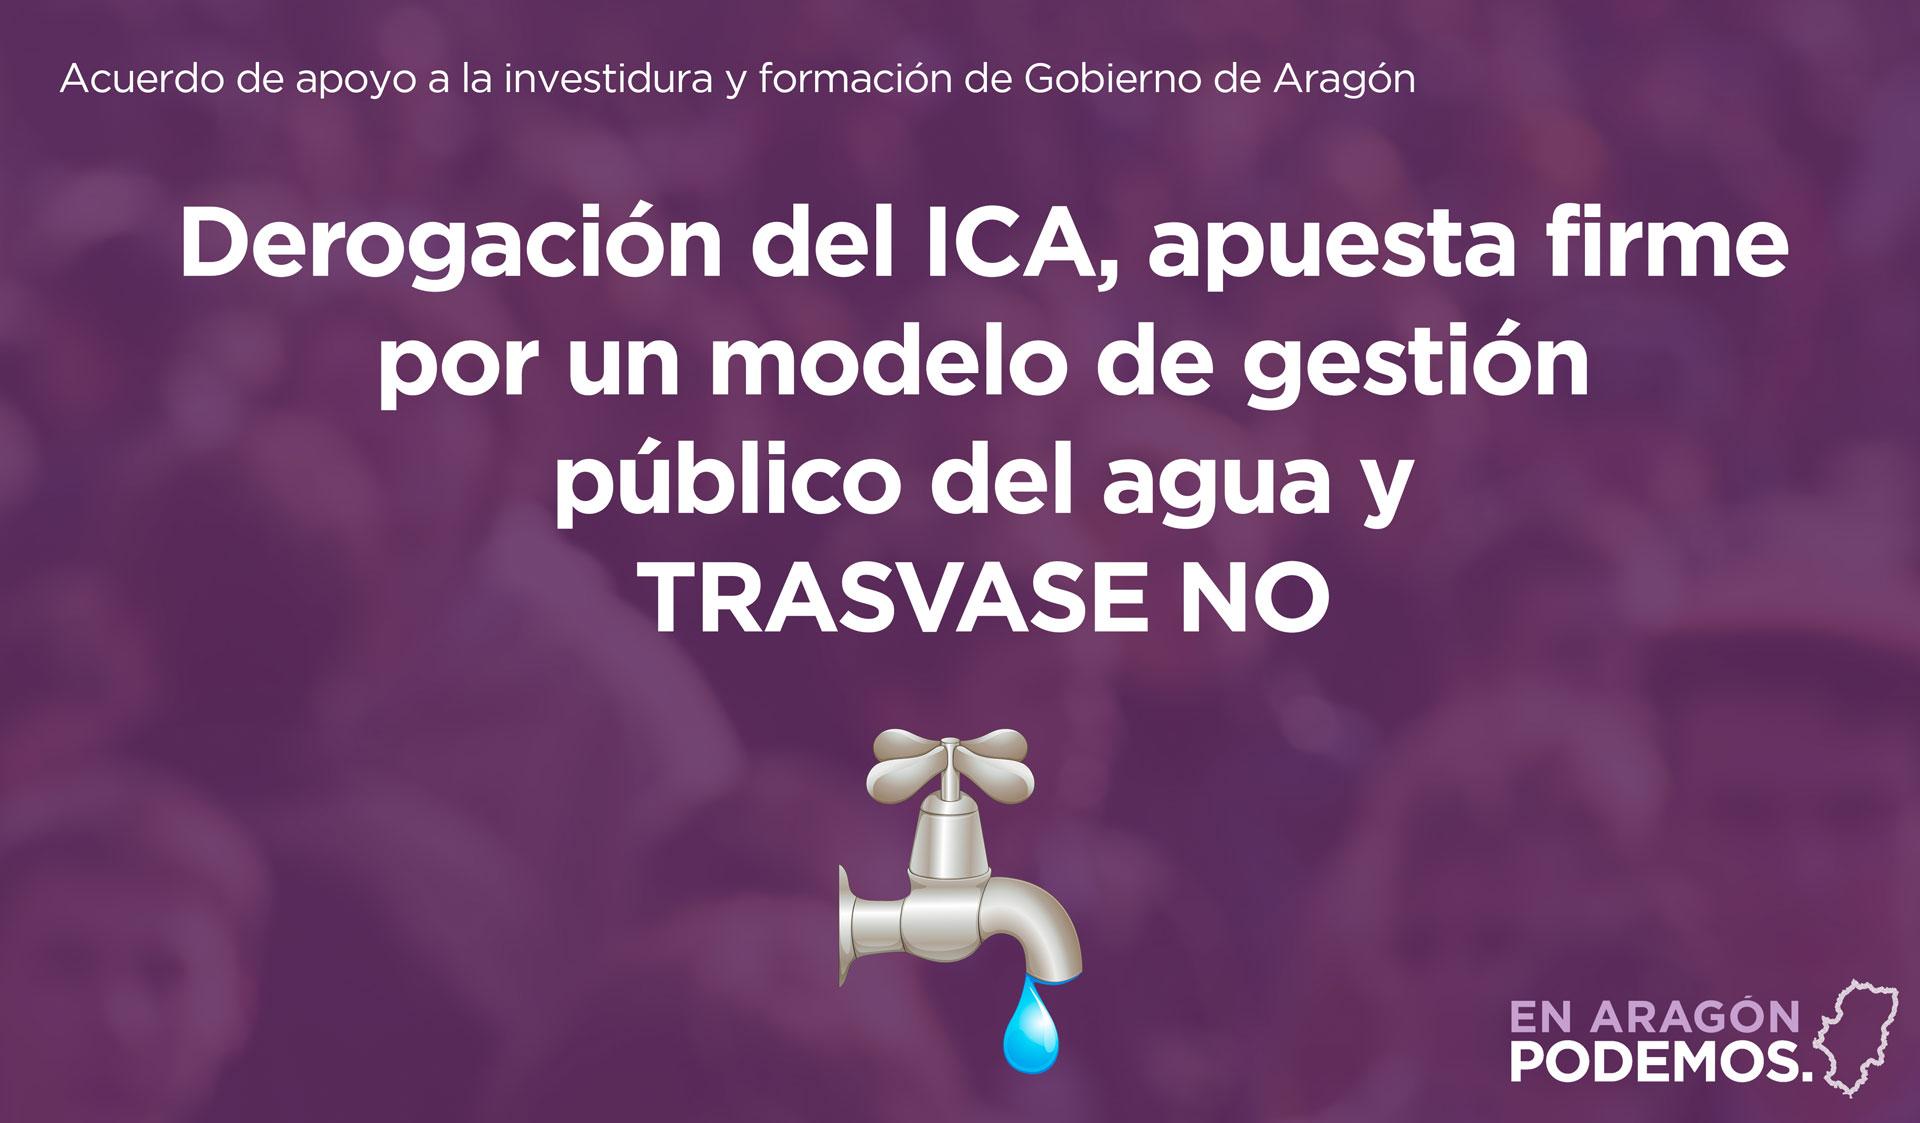 Derogación ICA